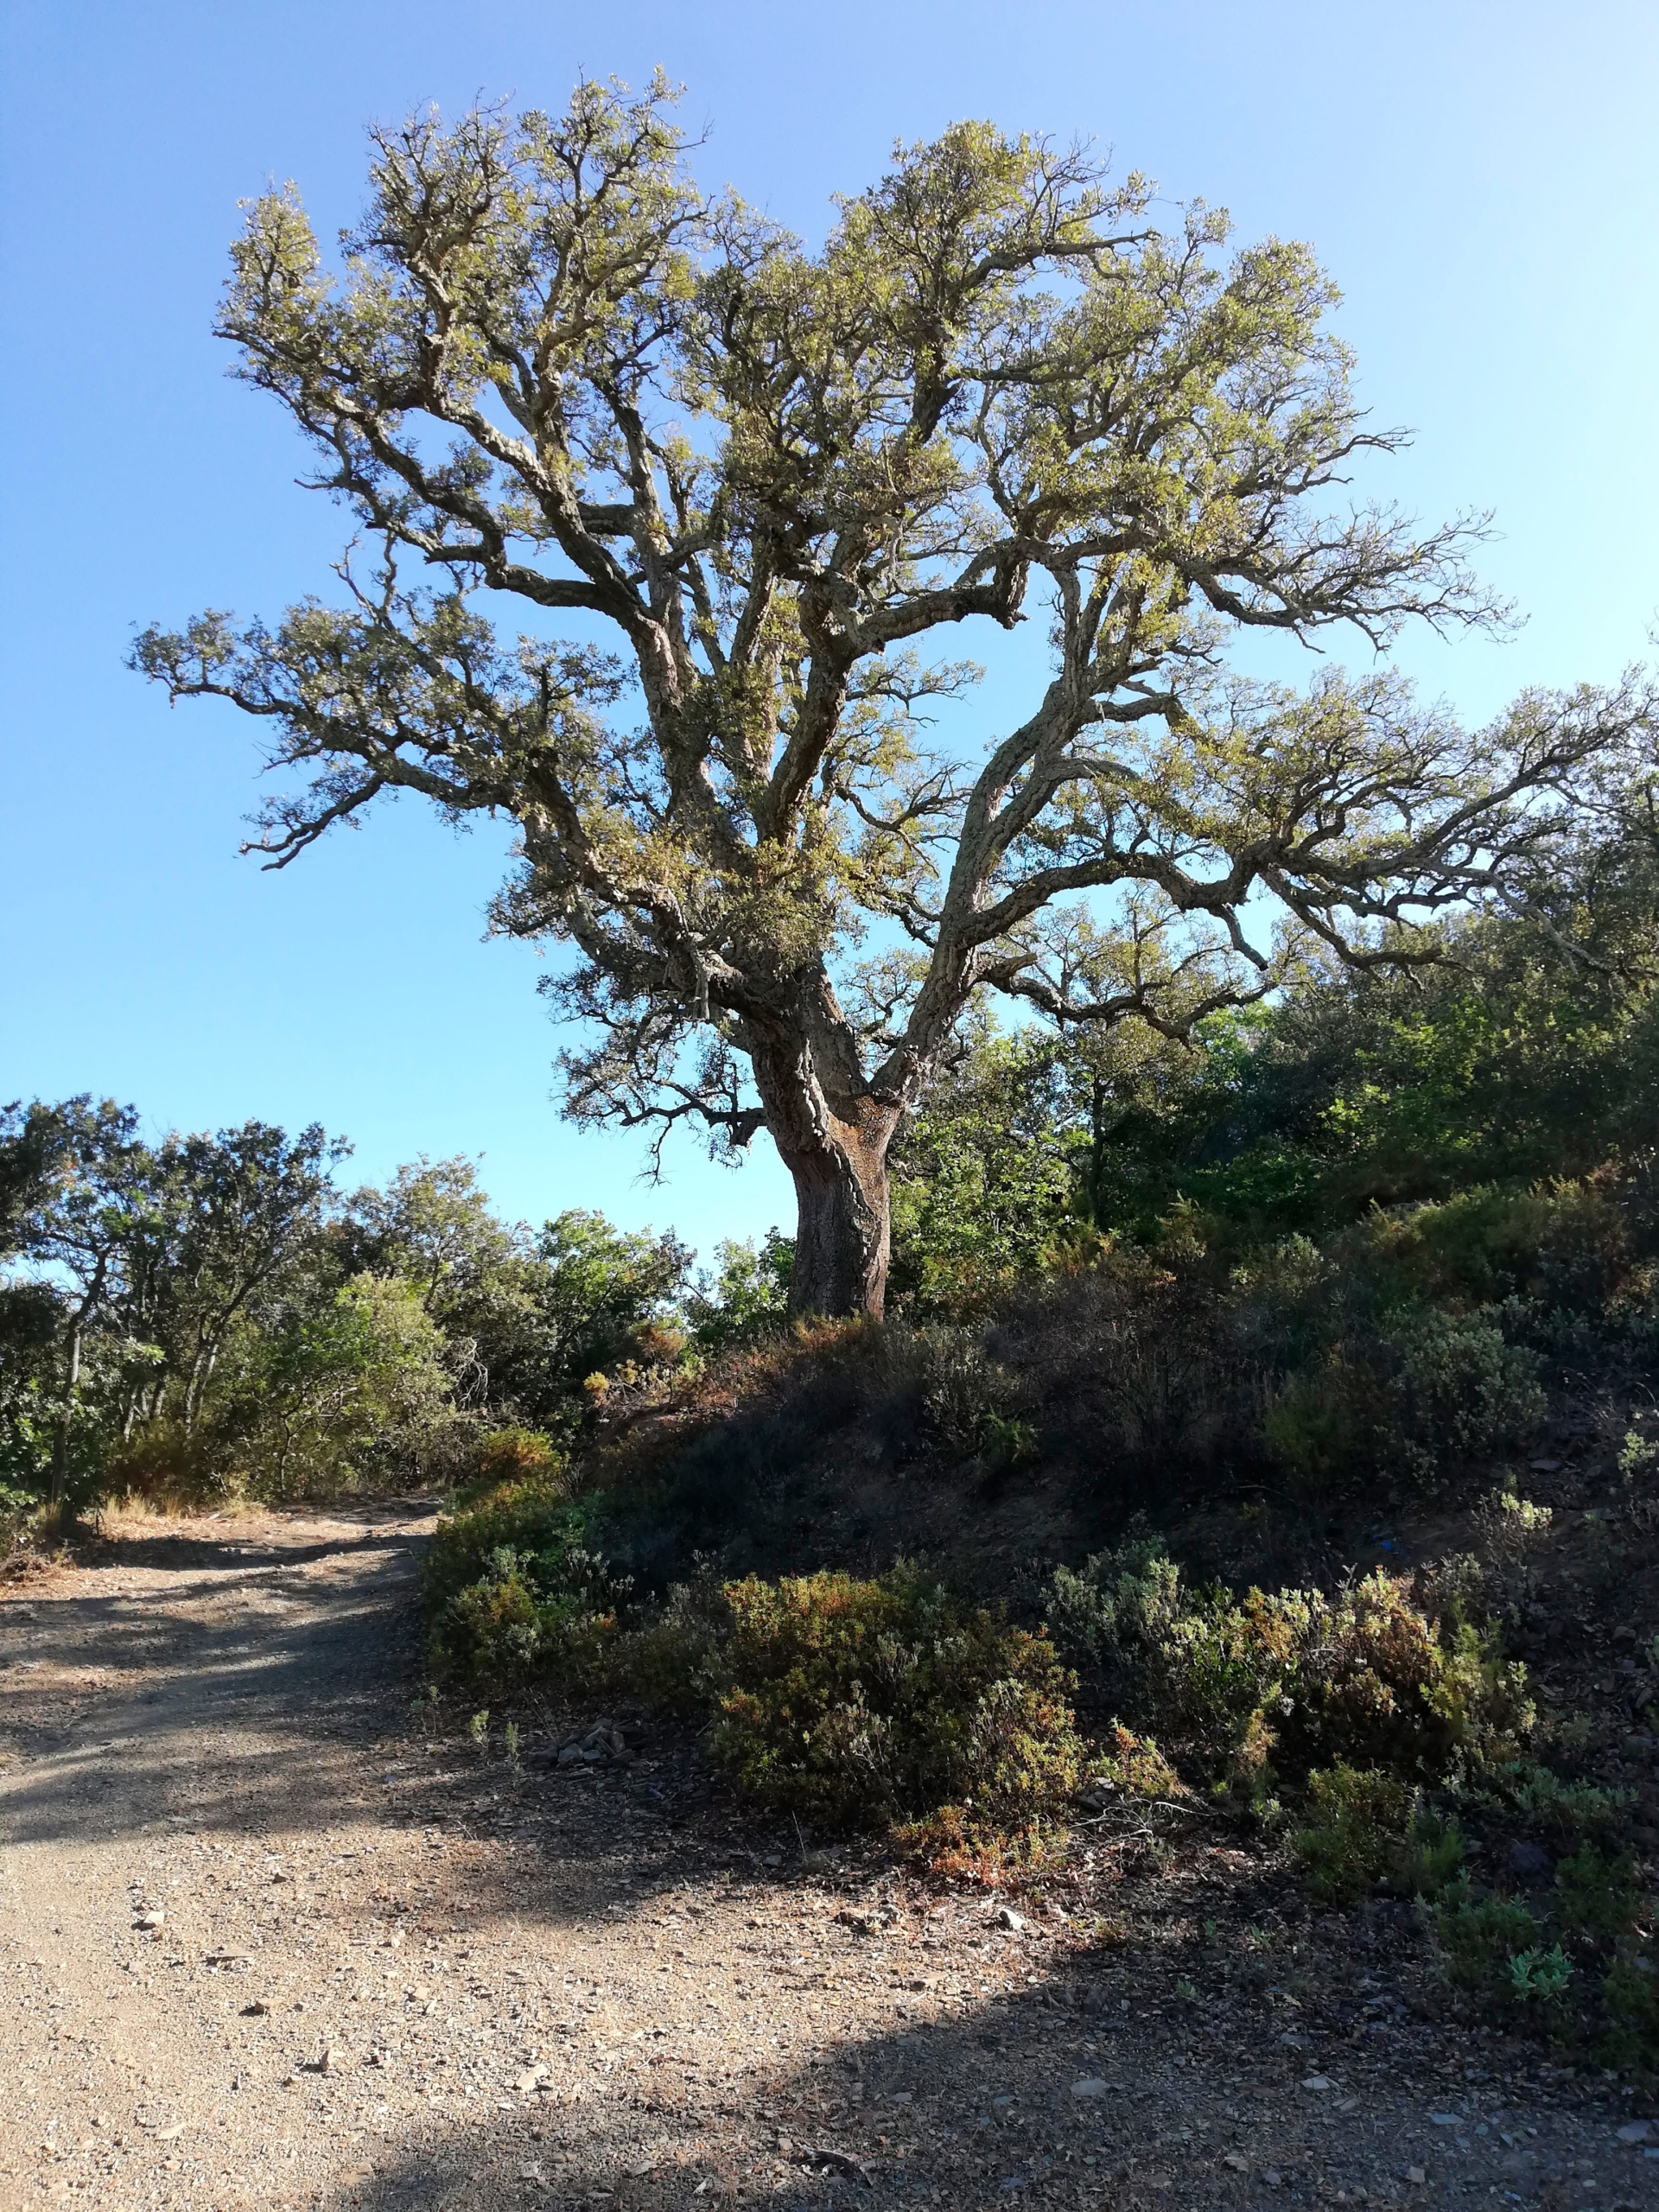 Huge cork oak tree